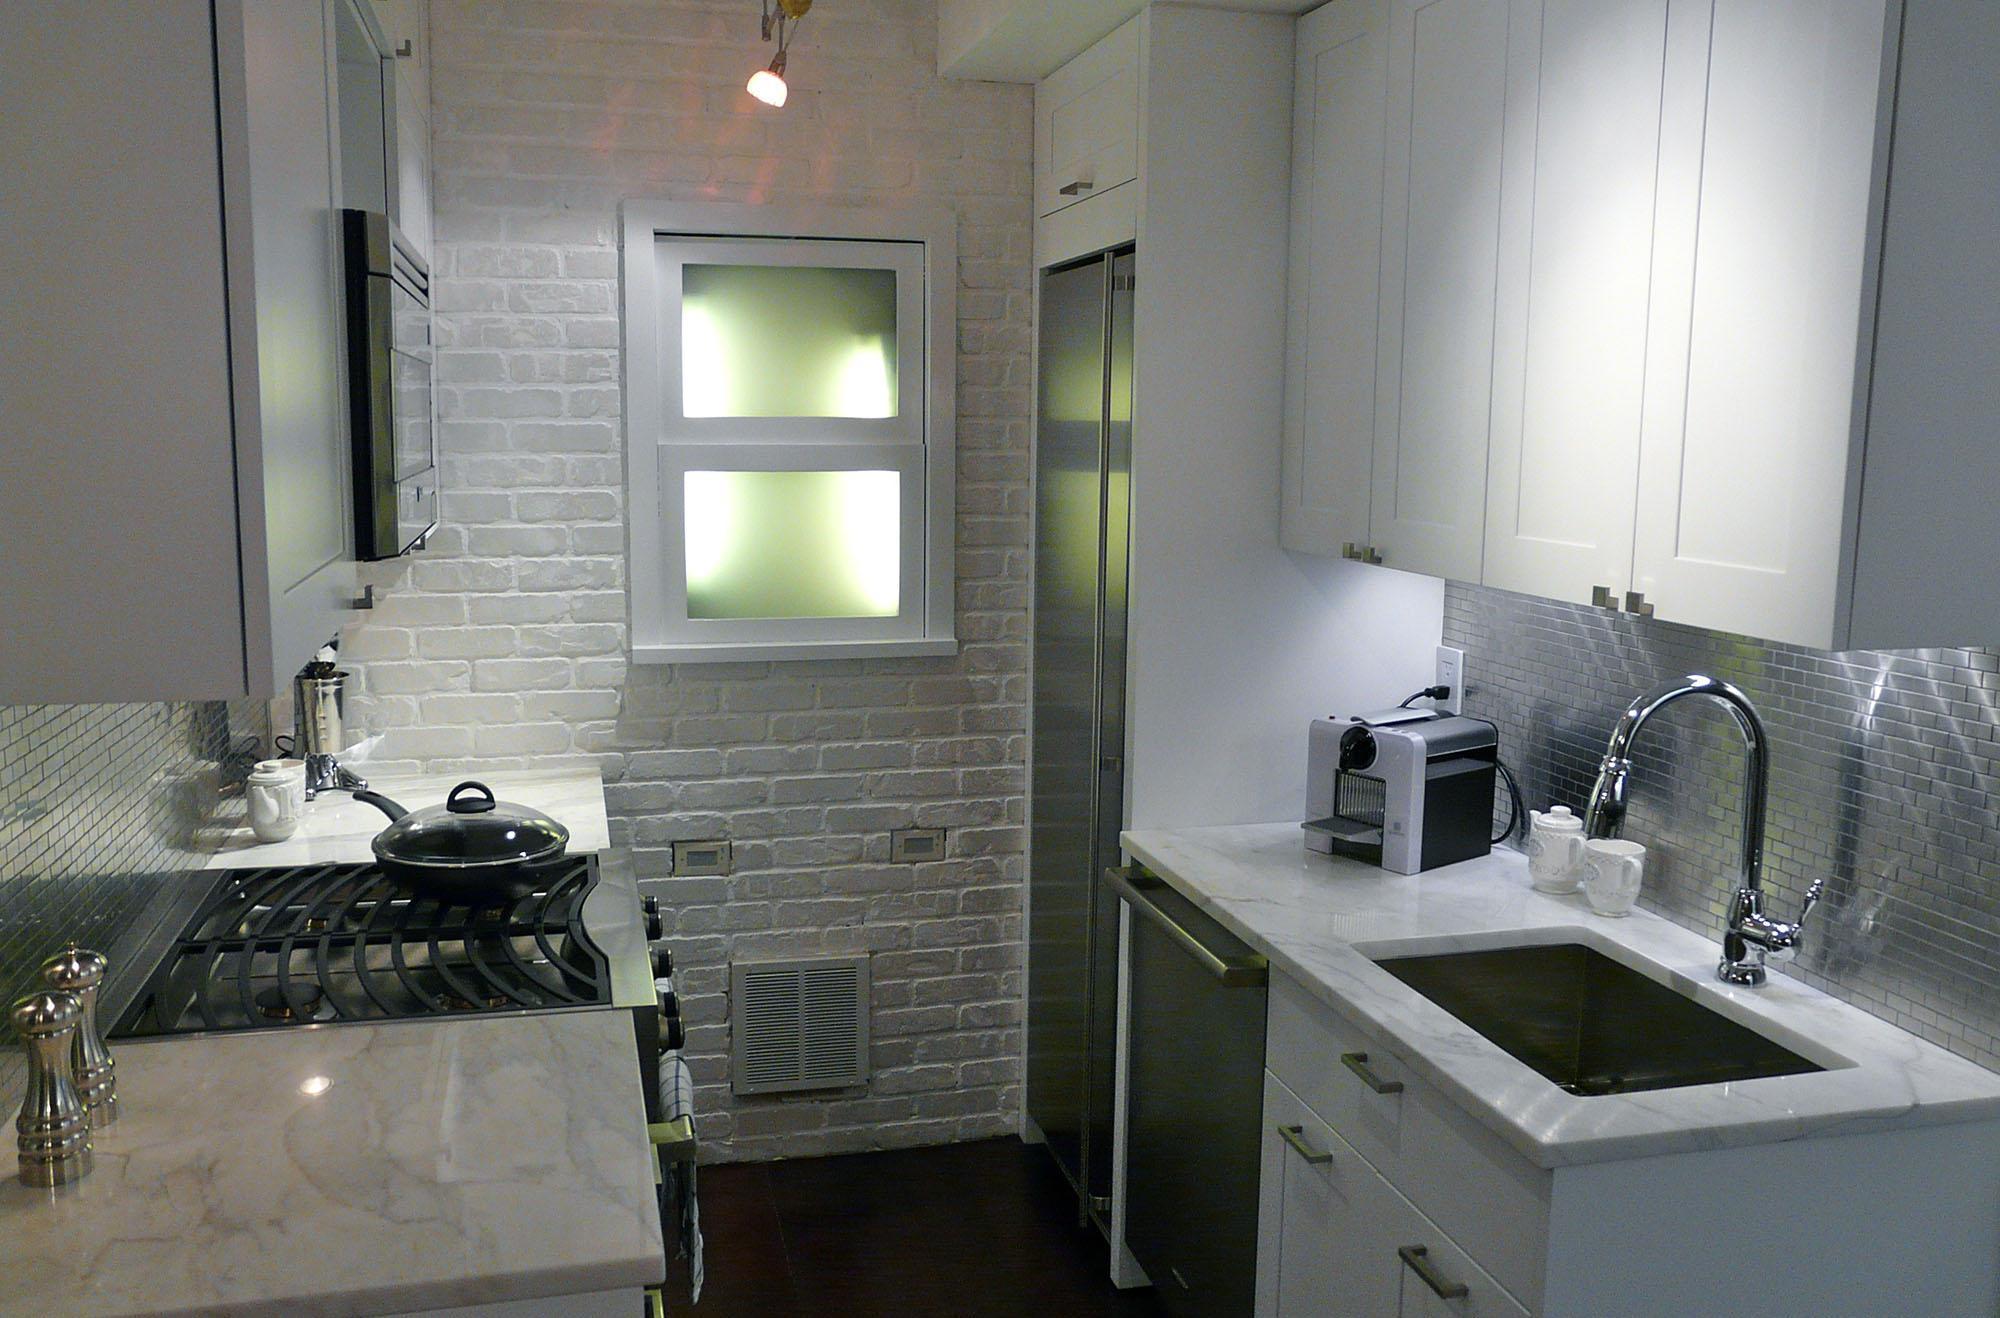 Встроенный металлический холодильник в небольшой кухне